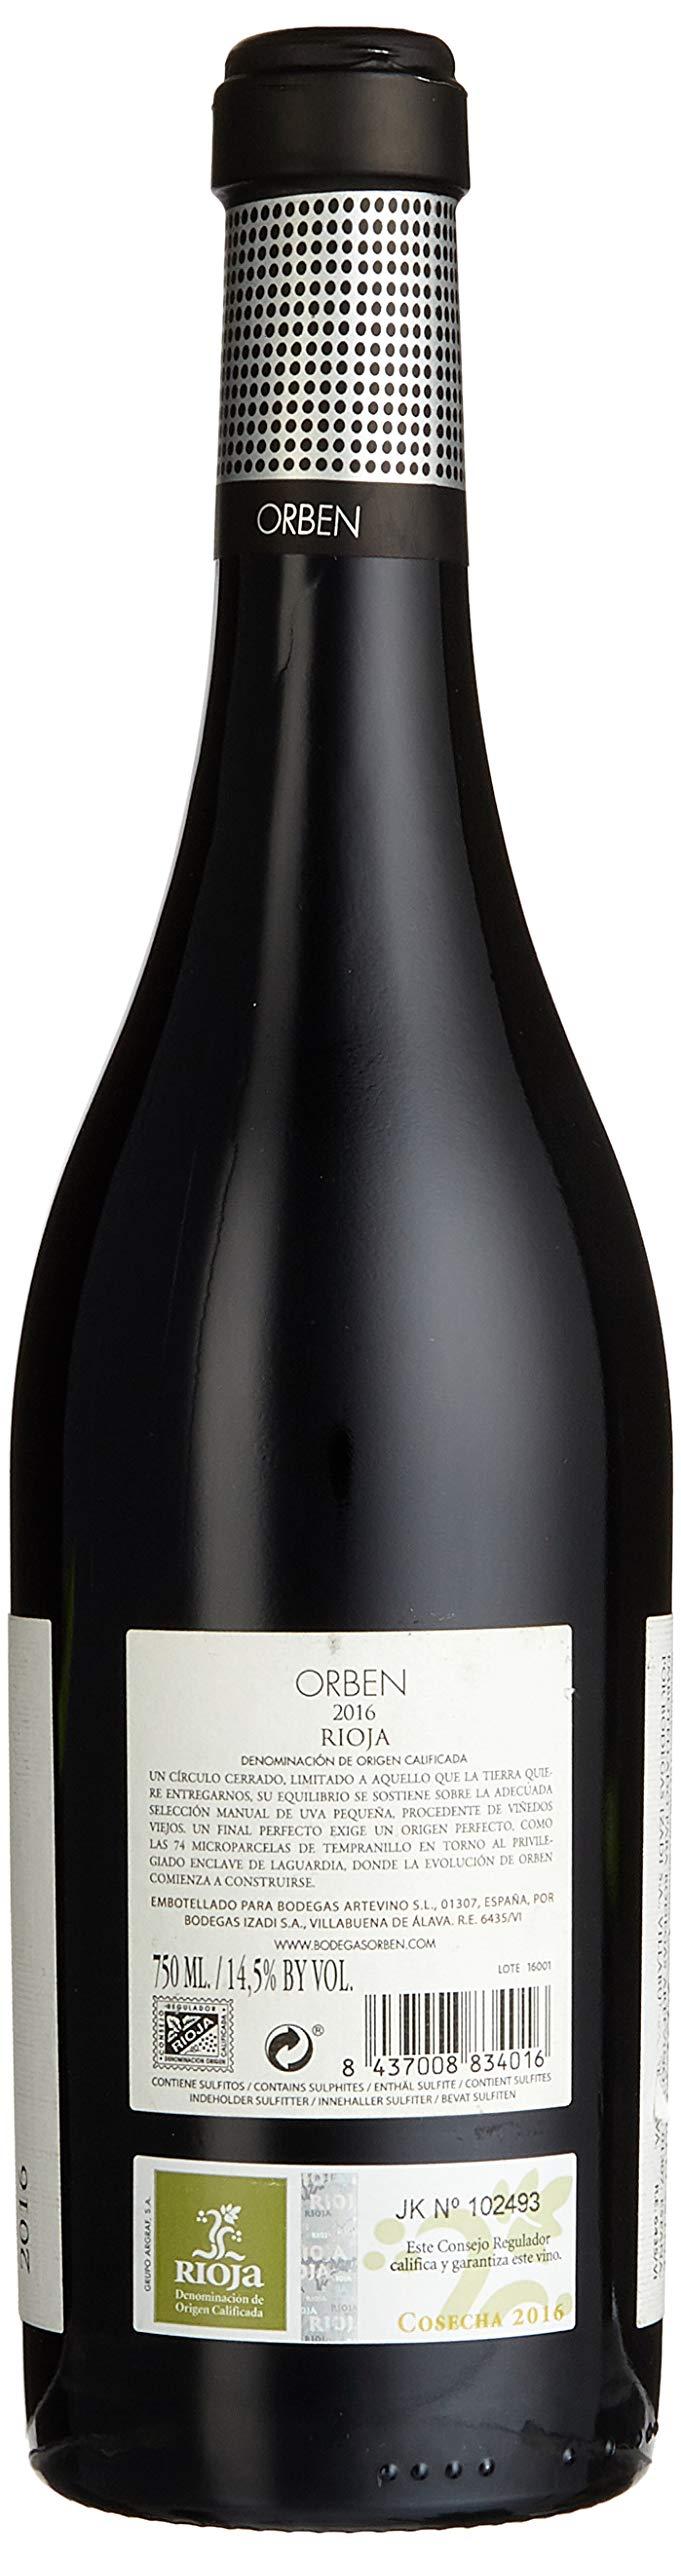 Artevino-Orben-Tempranillo-20112015-Trocken-1-x-075-l